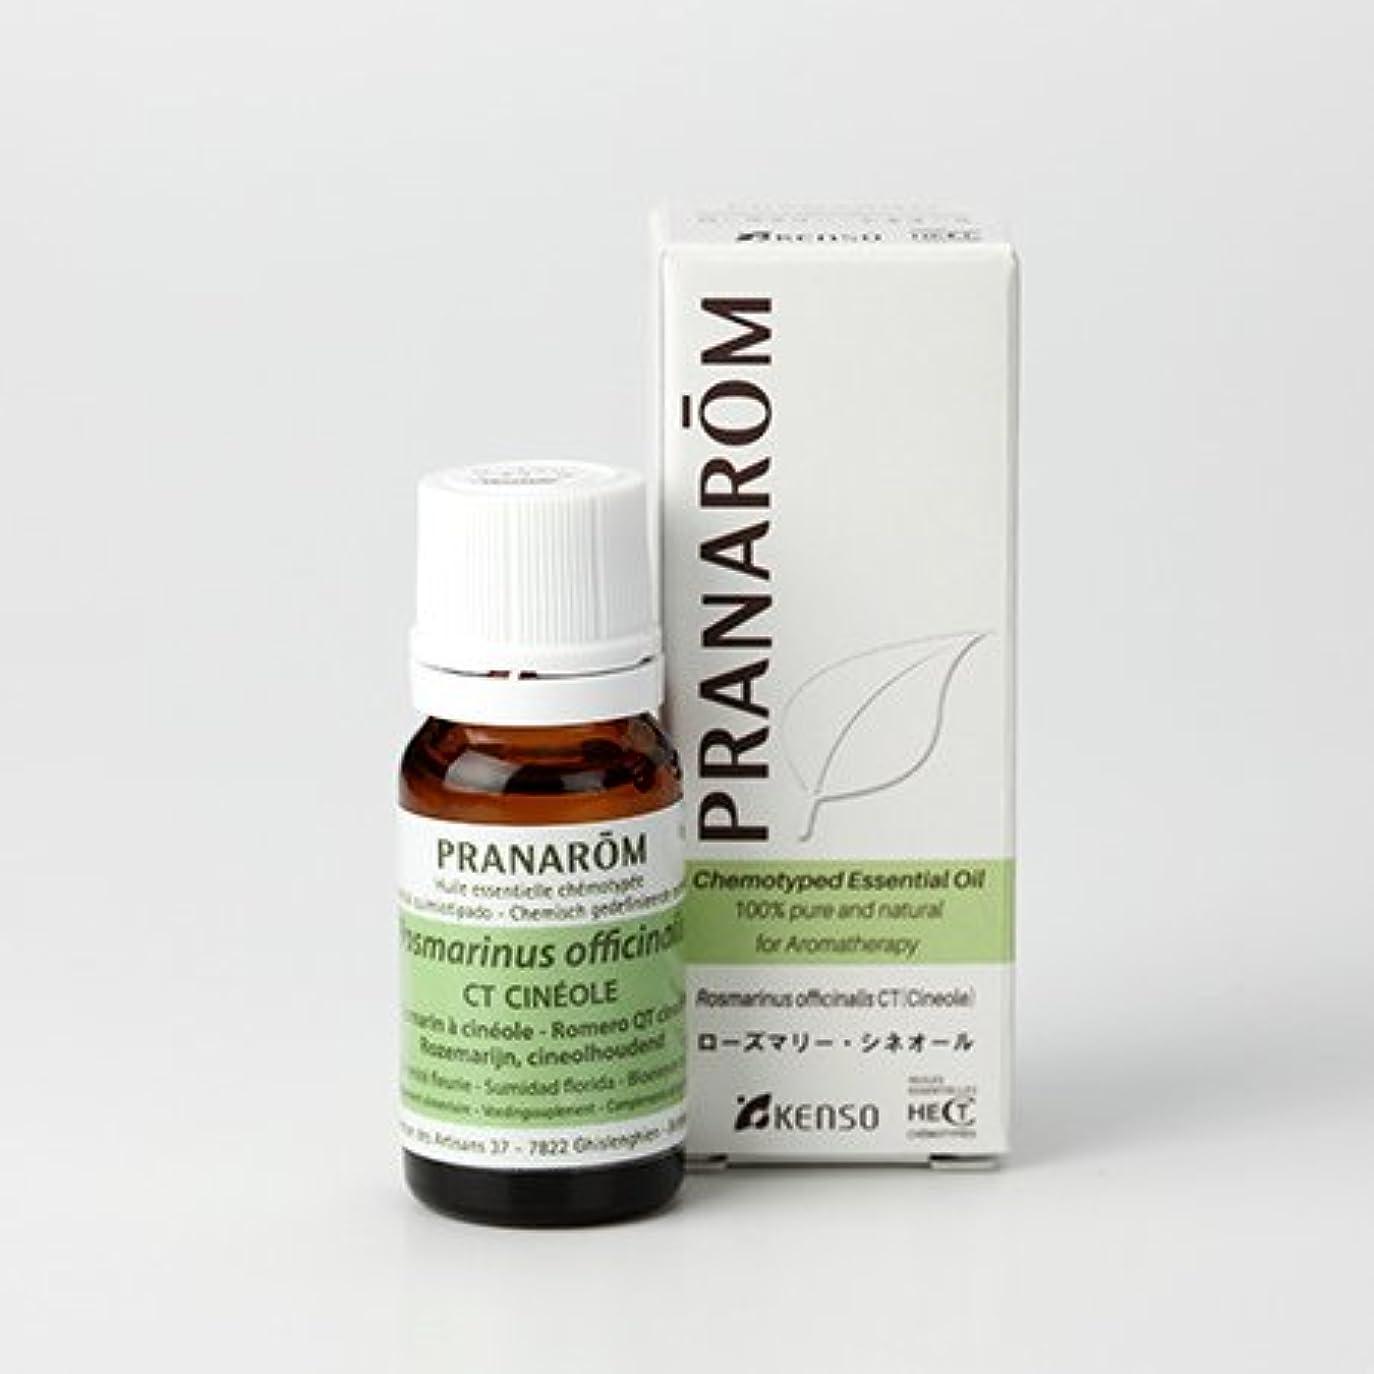 堀誠実誇張するプラナロム ローズマリーシネオール 10ml (PRANAROM ケモタイプ精油)